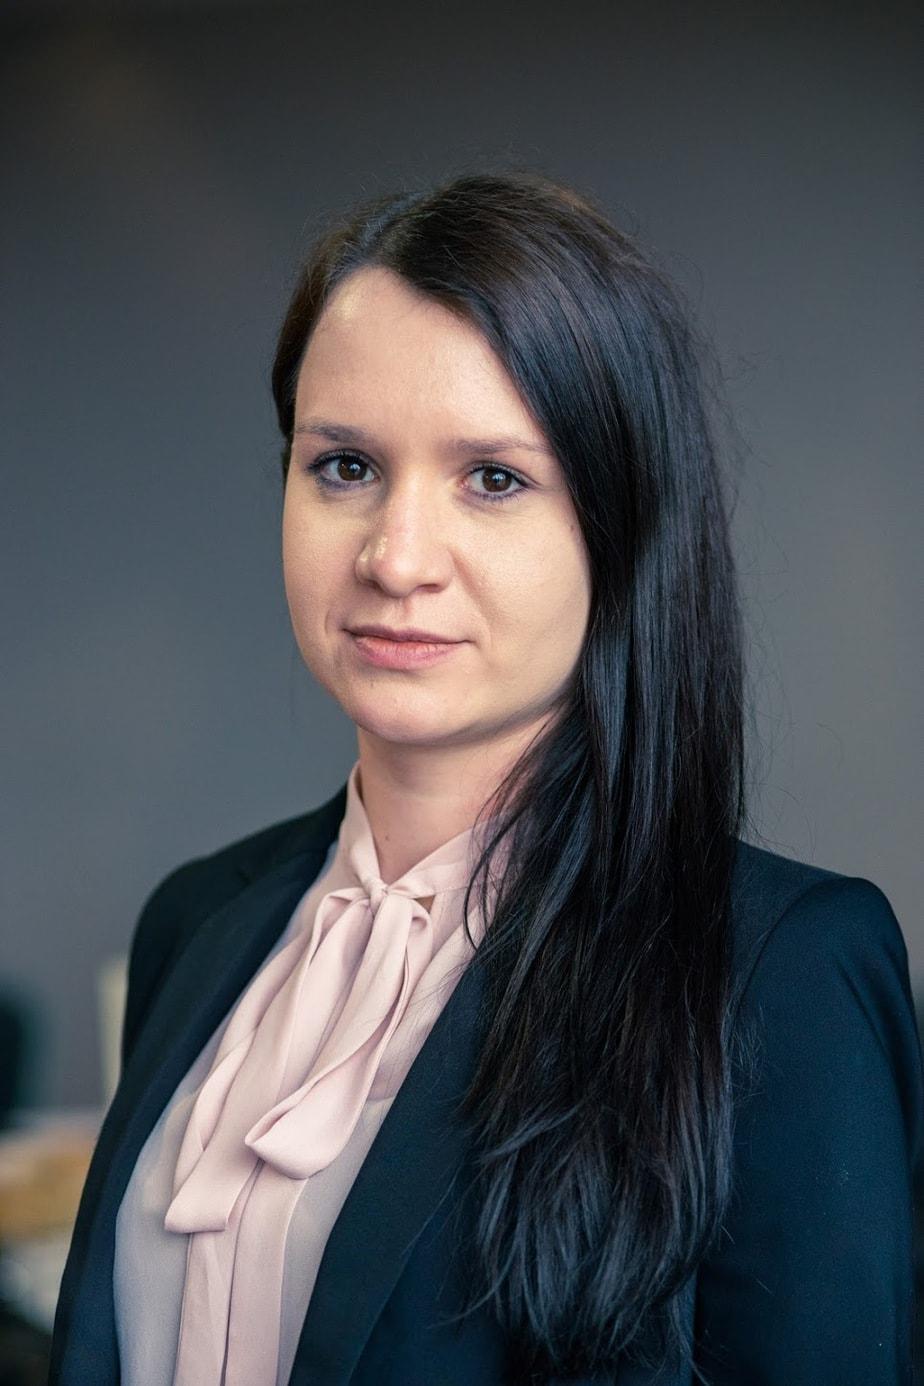 Martyna Świerc